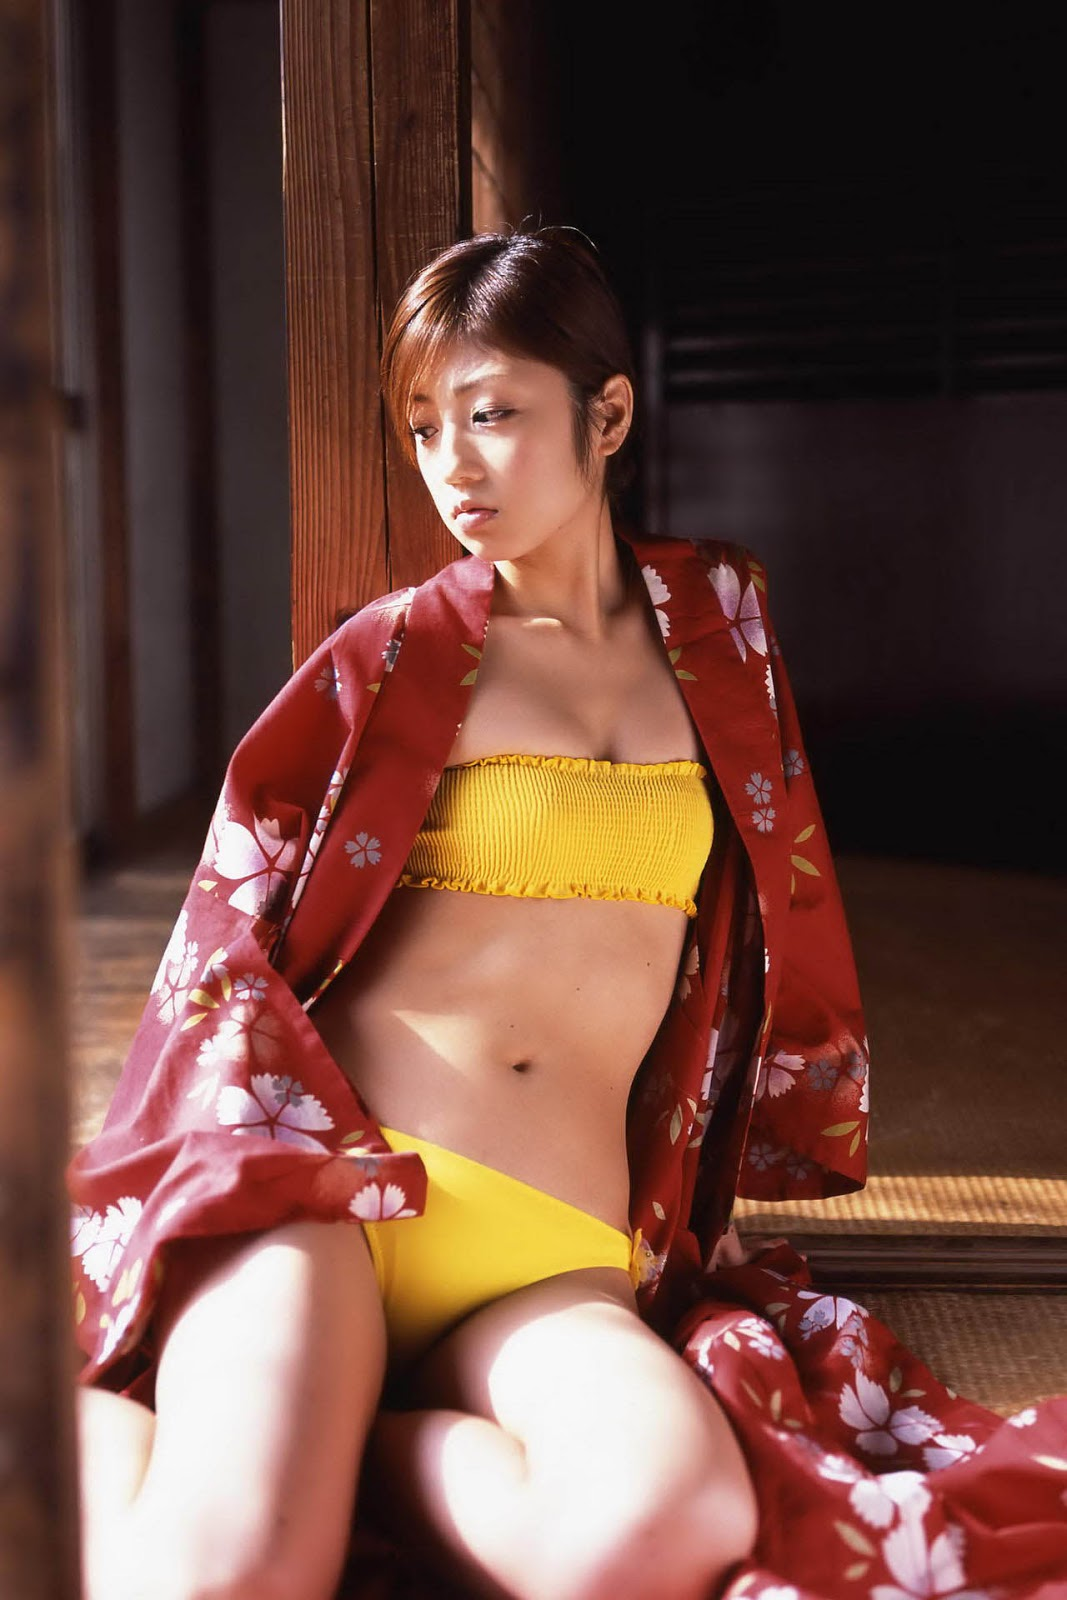 yuko ogura sexy bikini pics 01